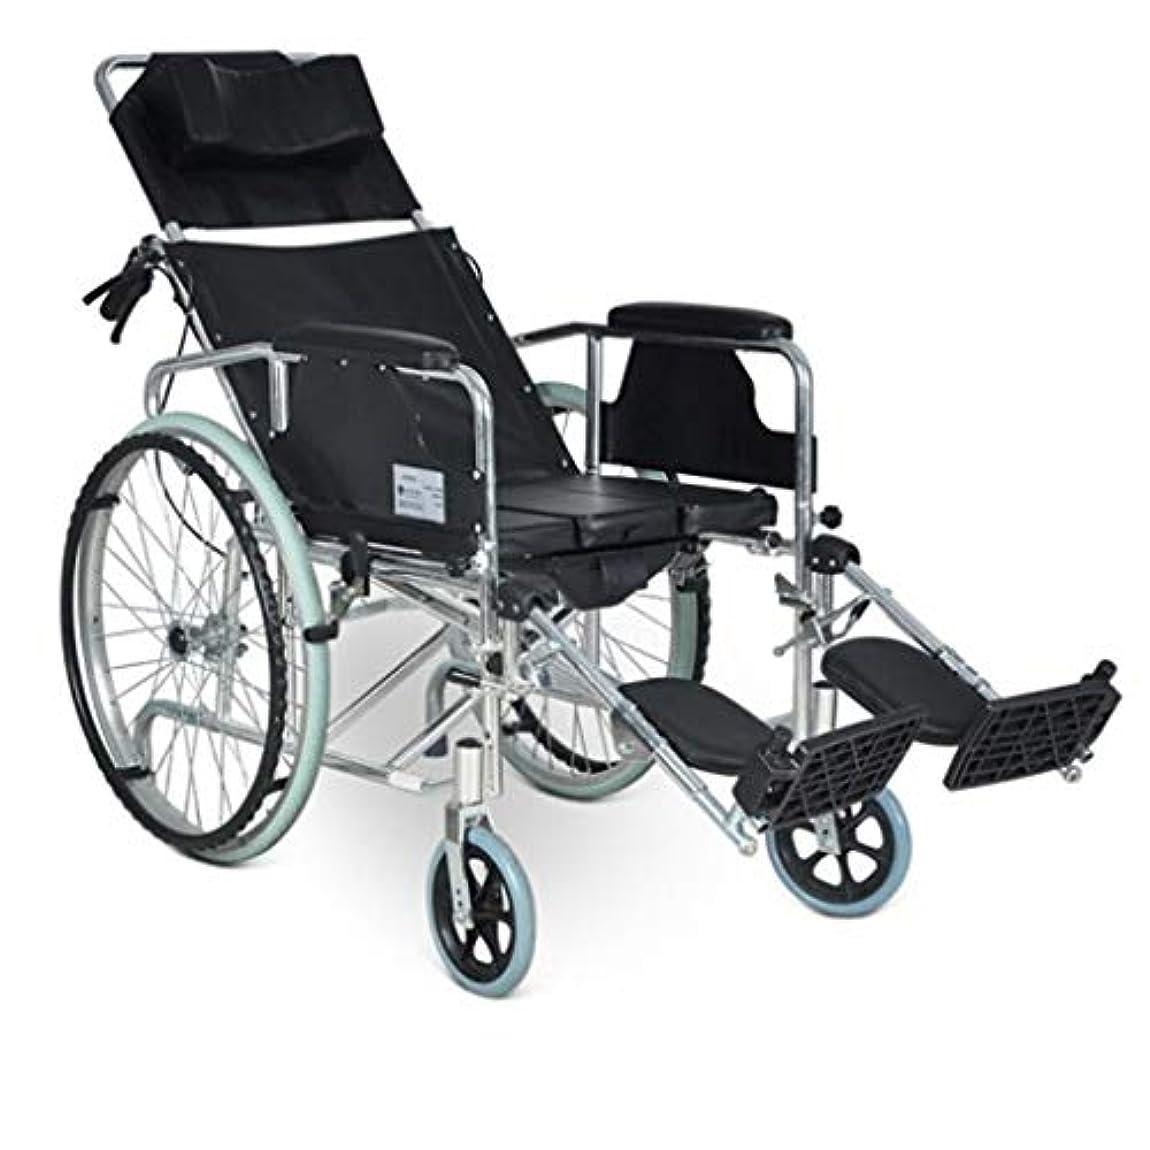 寄生虫予測子部族車椅子トロリー4ブレーキデザイン、フルリクライニング折りたたみ車椅子、高齢者用多目的ワゴン